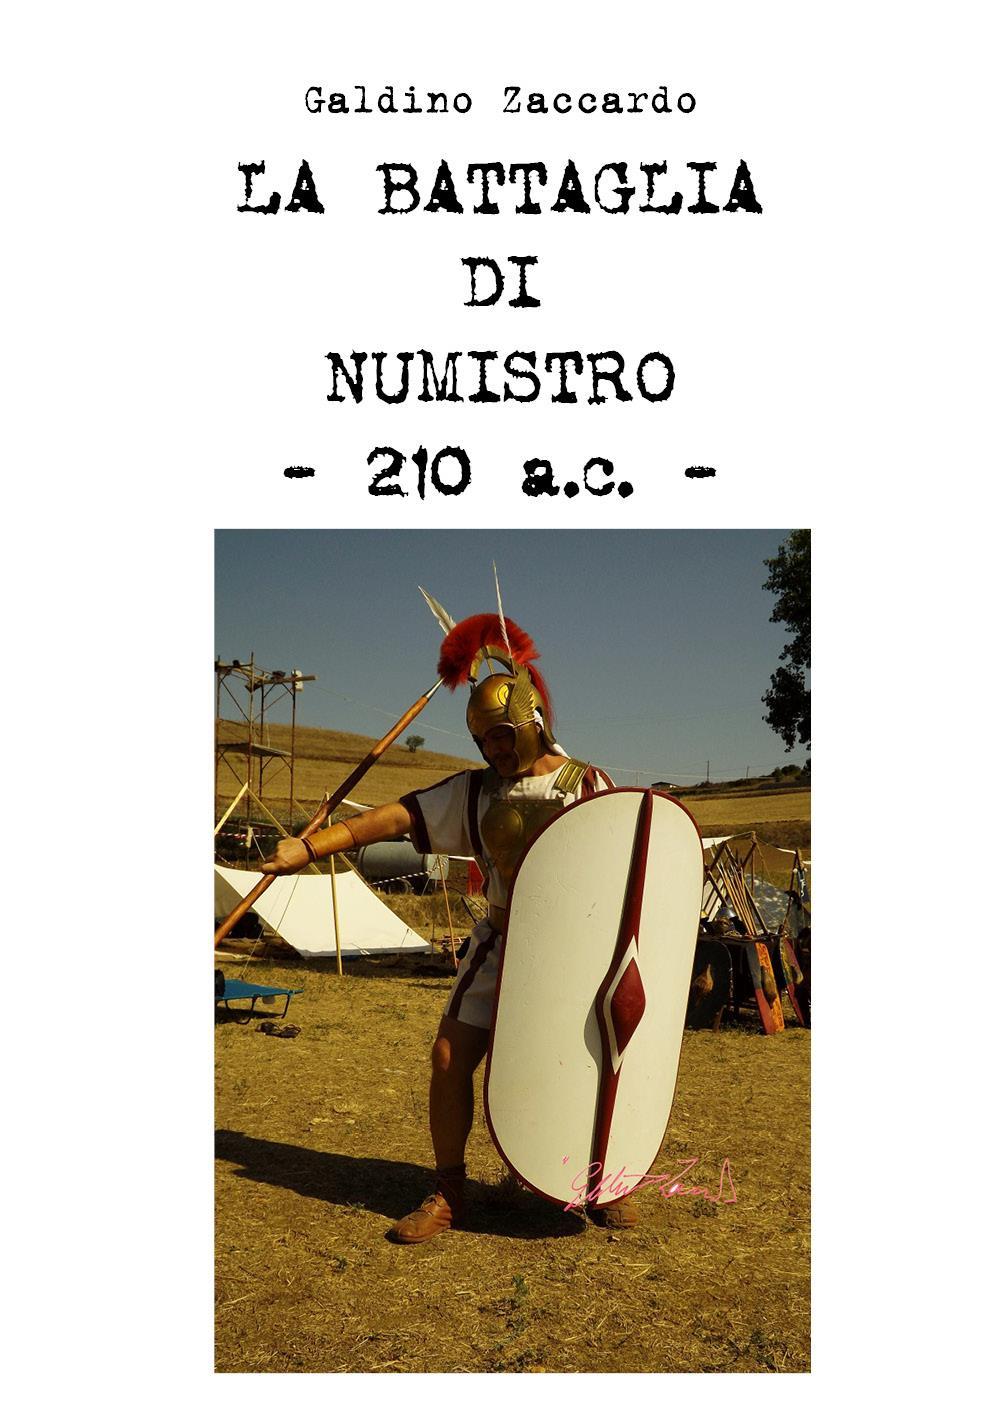 La Battaglia di Numistro - 210 a.C.